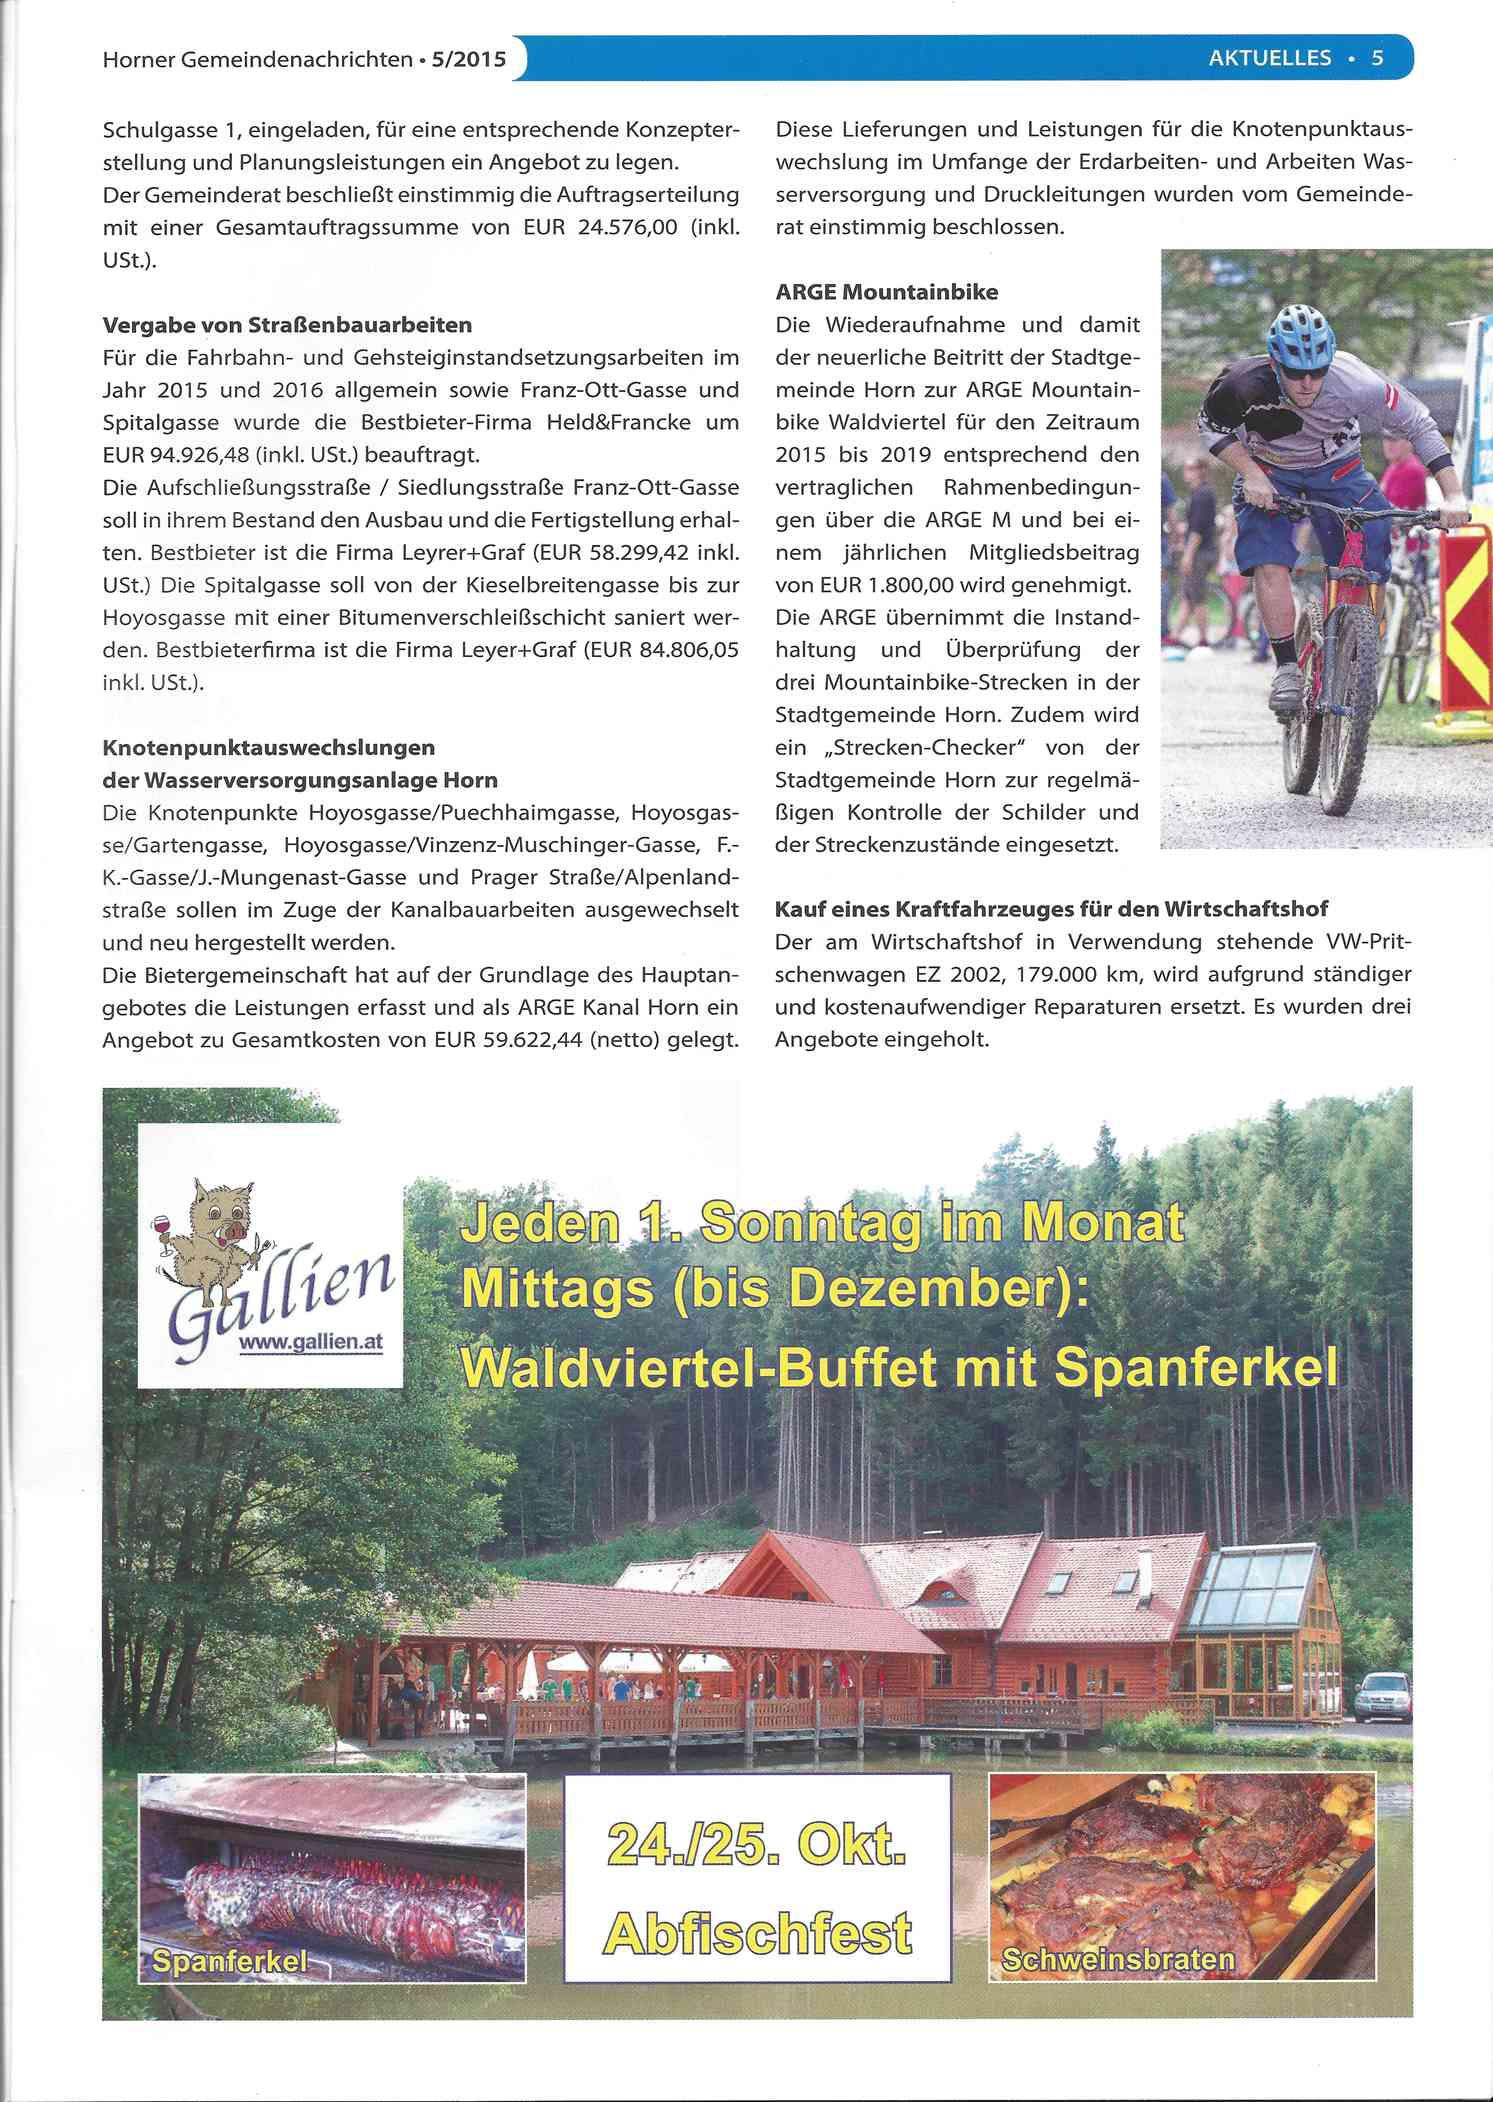 2015-07_Horner Gemeindenachrichten_5-1